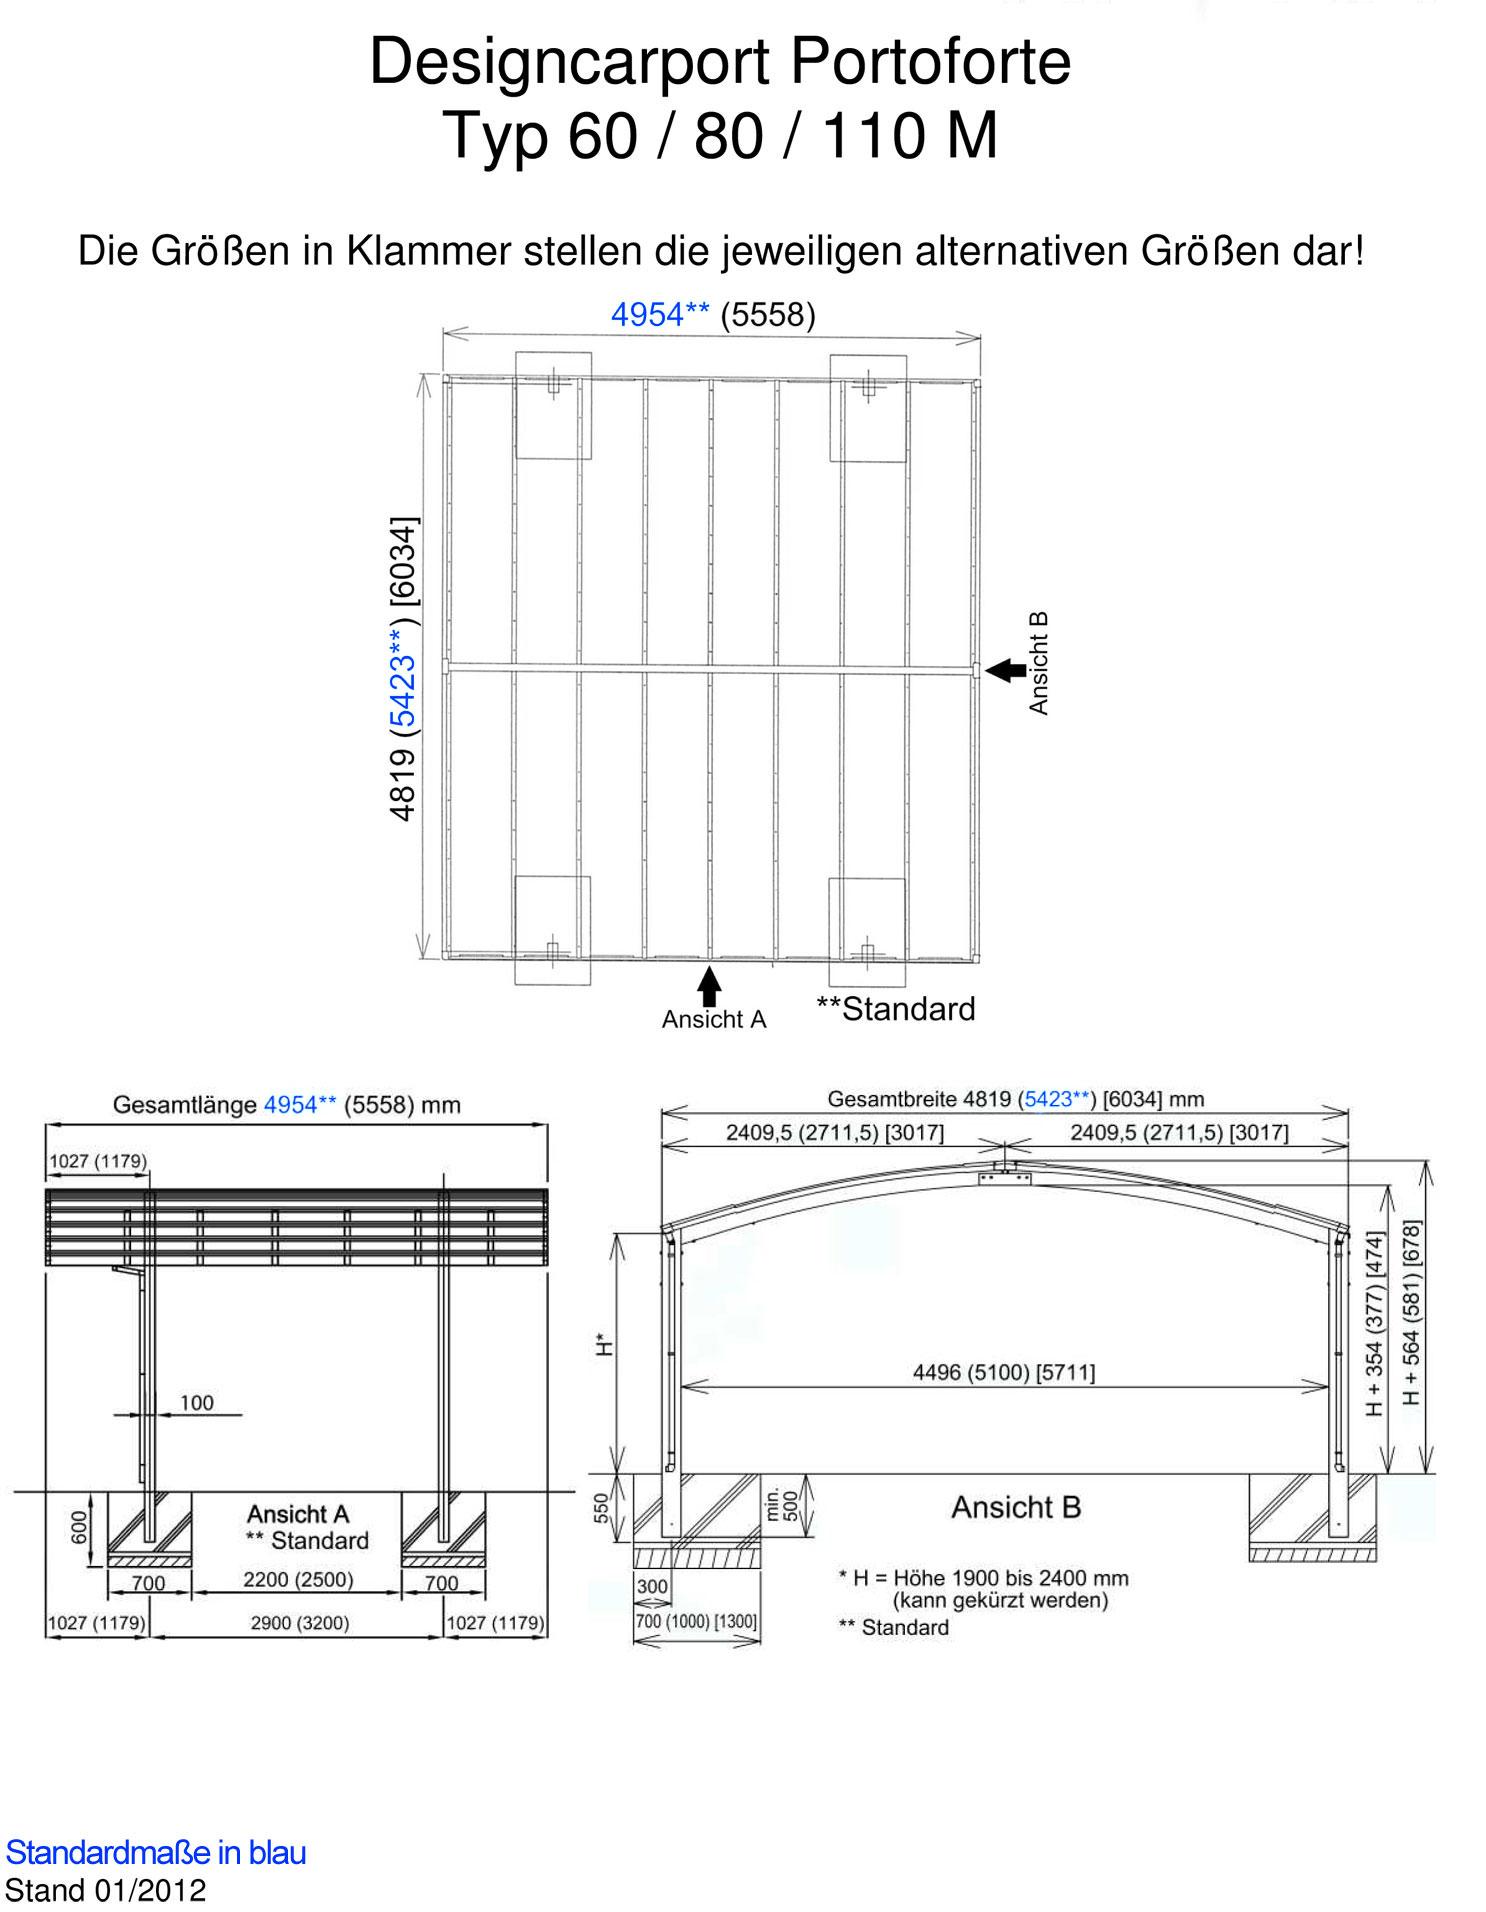 carport ximax portoforte aluminium typ 80 m es. Black Bedroom Furniture Sets. Home Design Ideas